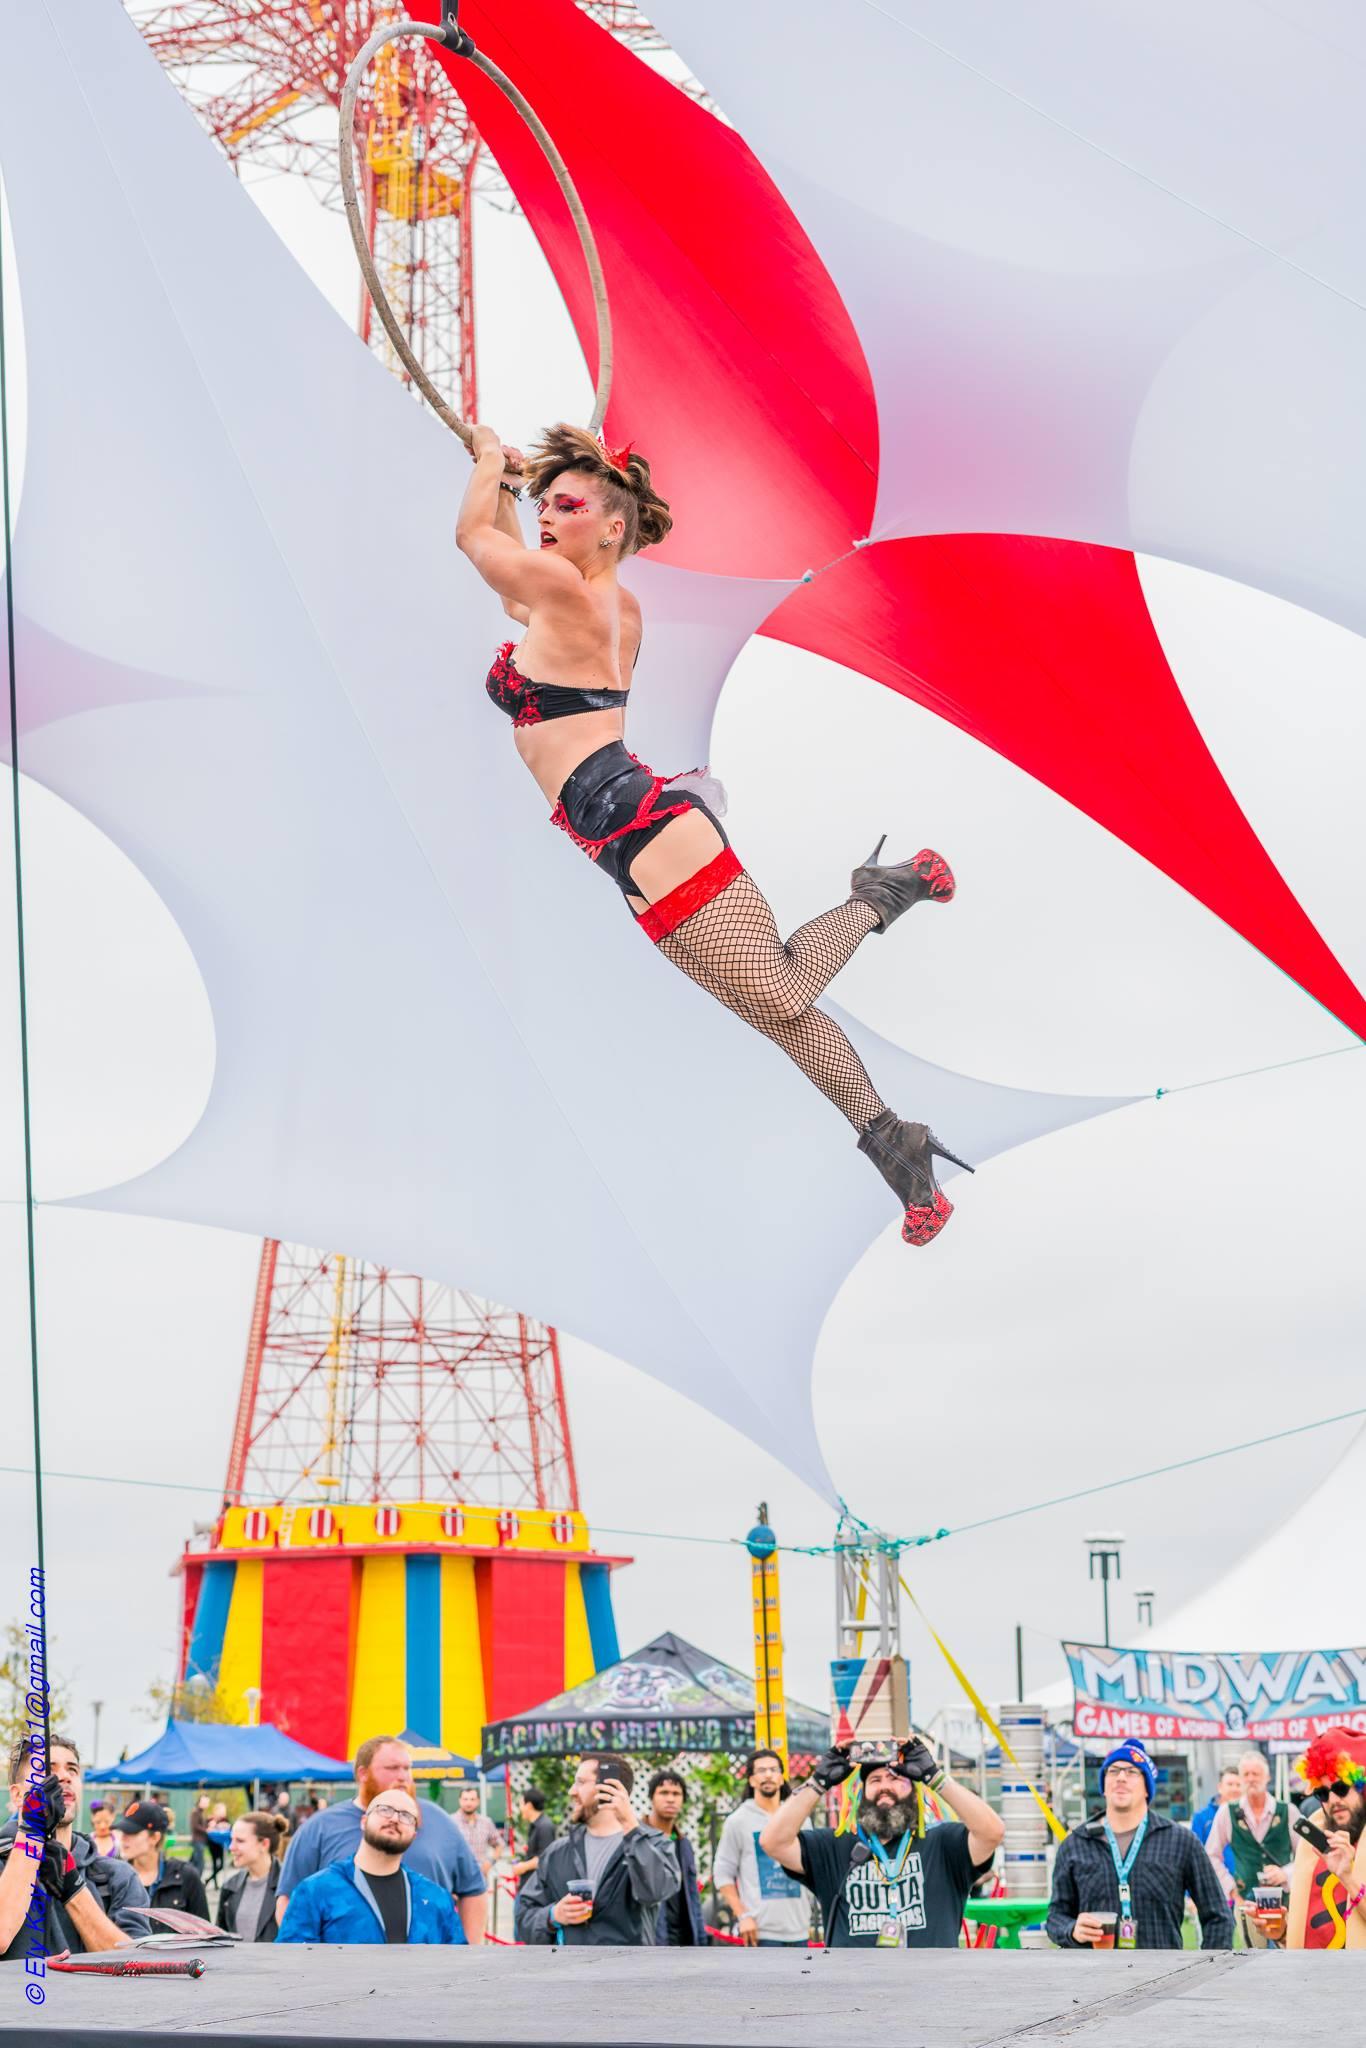 Burning Man Shredder 2